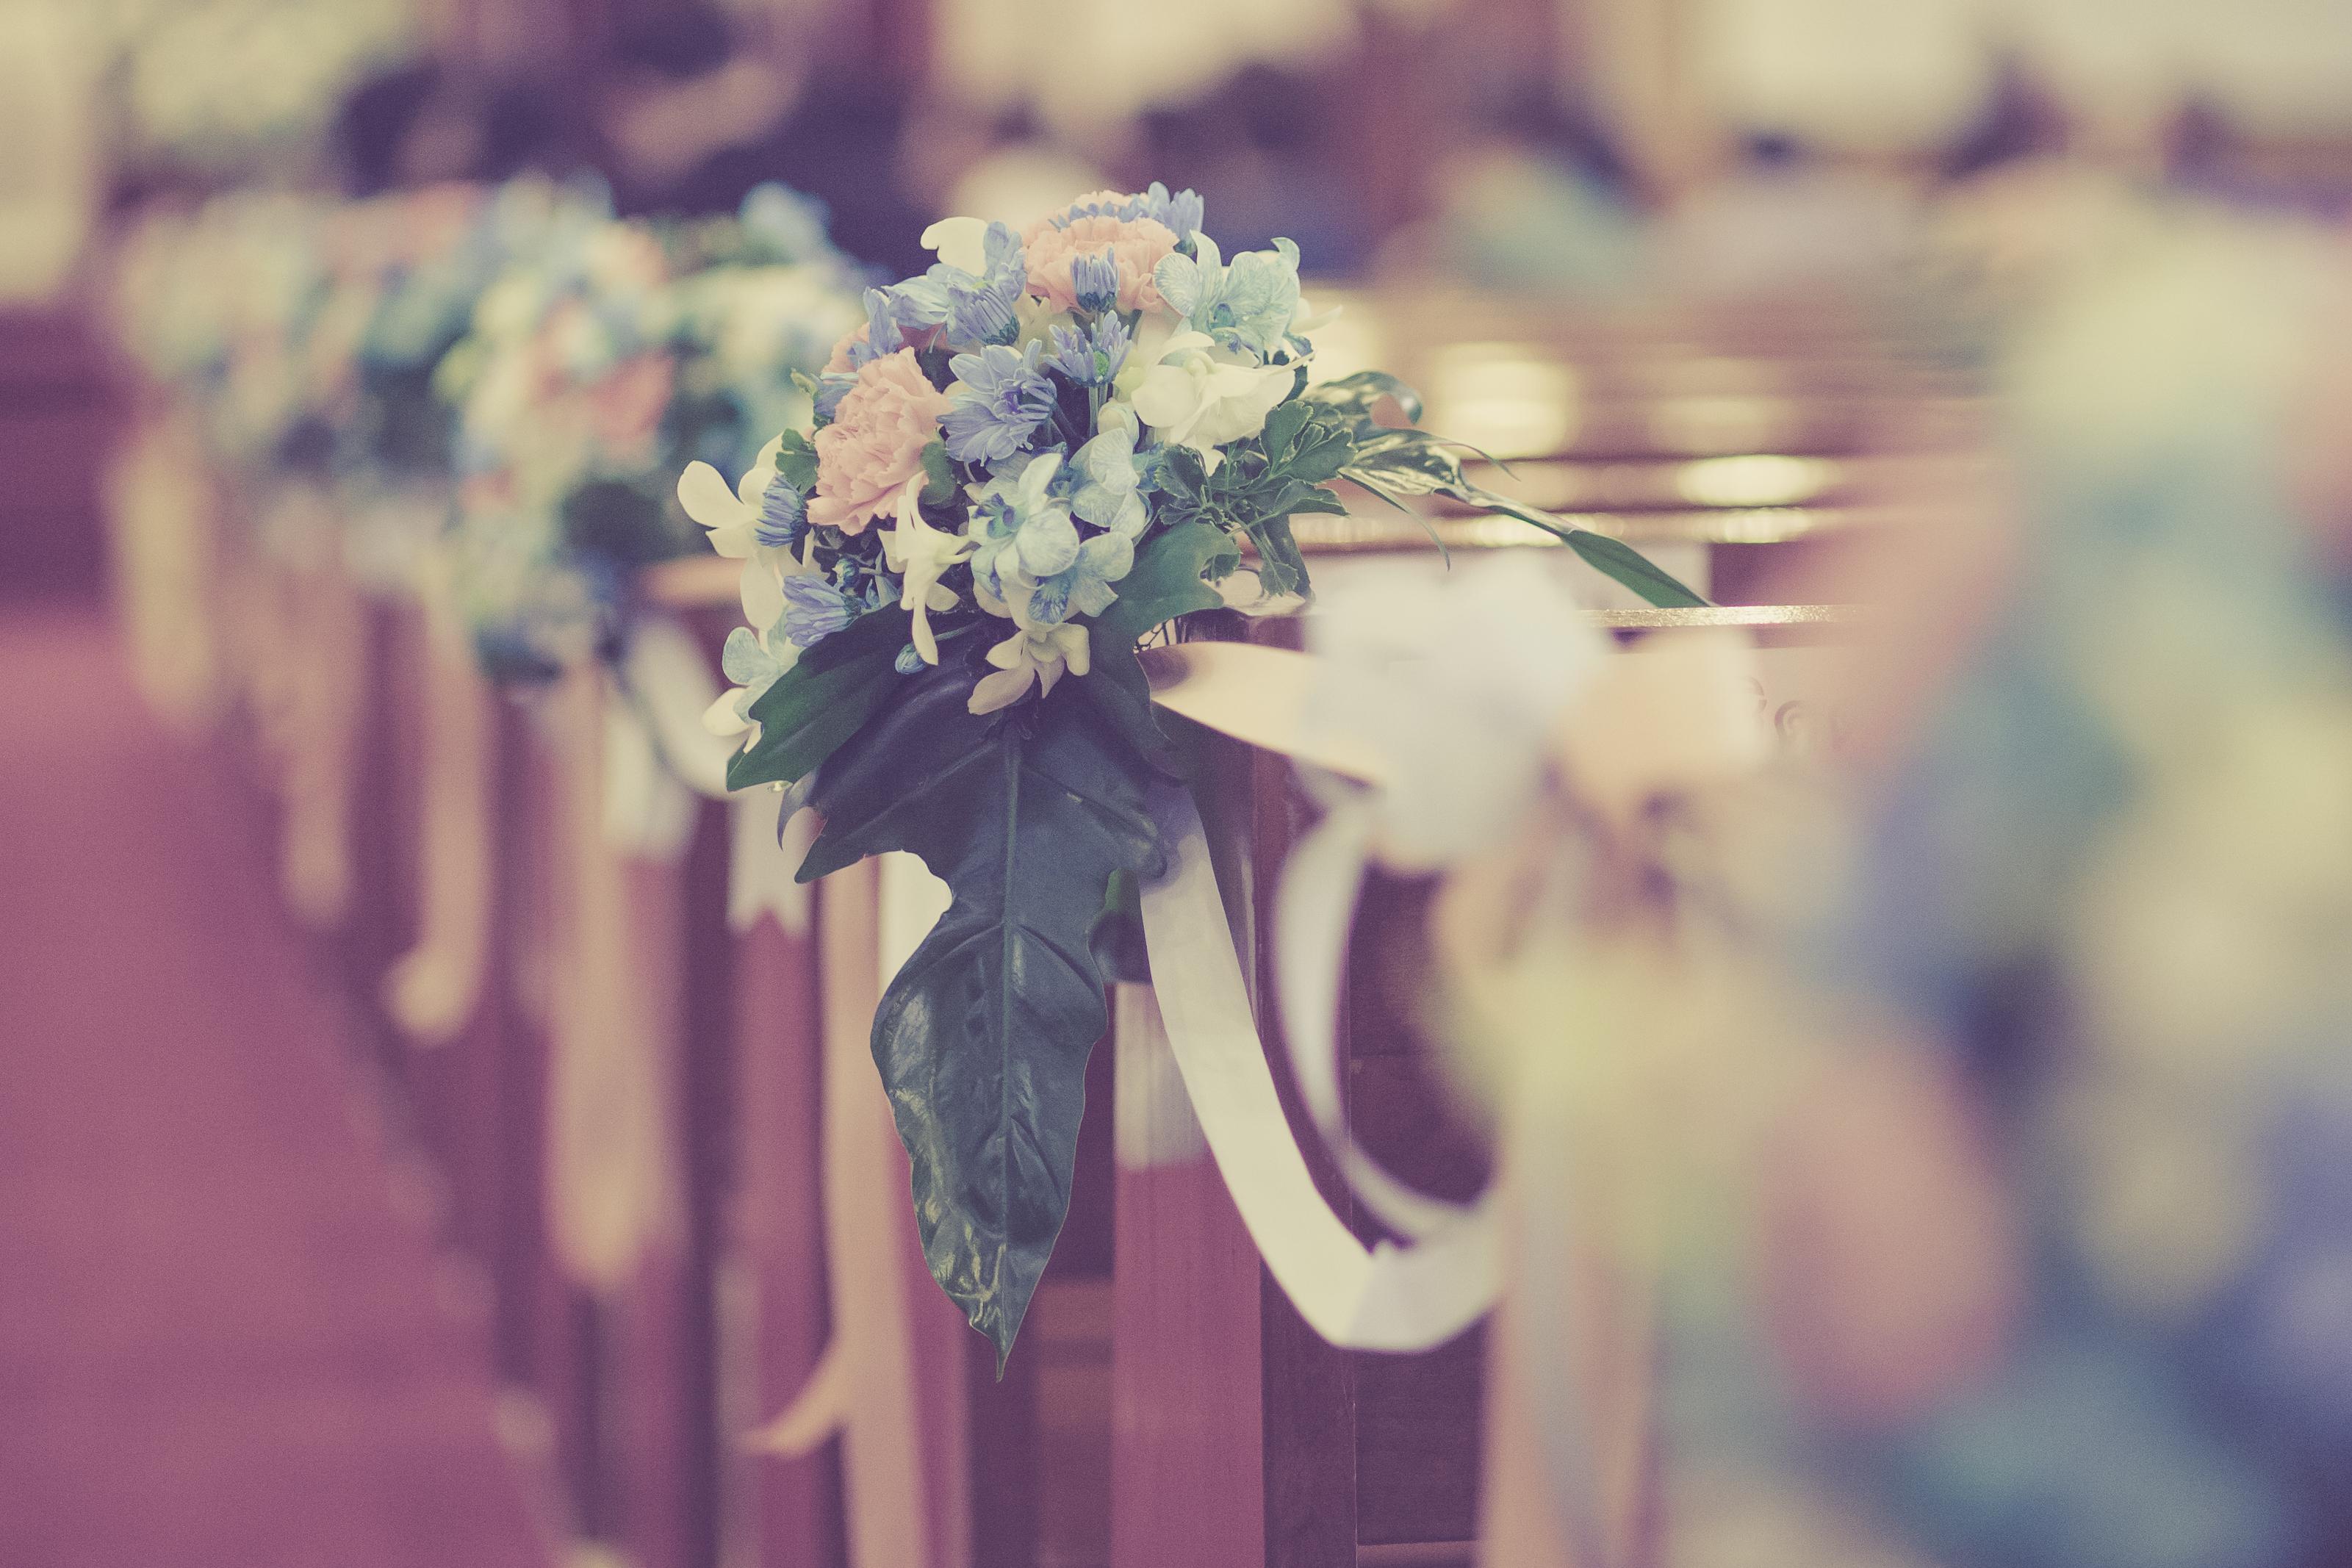 jak oszczędnie zorganizować wesele - zdjęcie 12